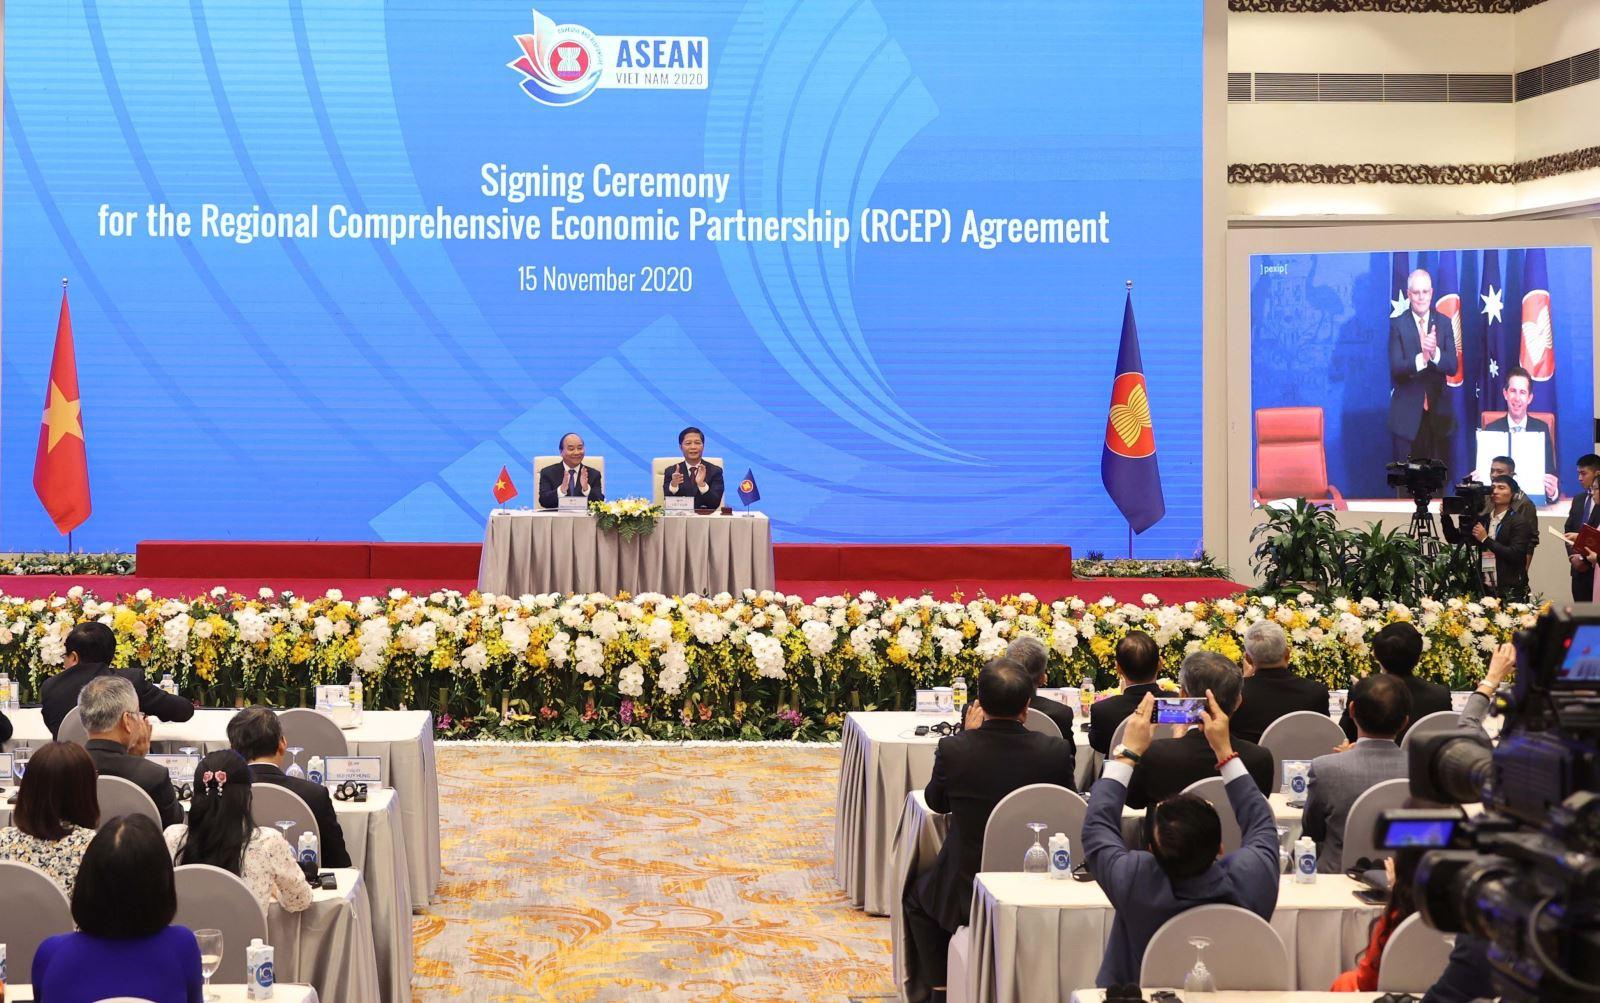 Thủ tướng Nguyễn Xuân Phúc, Chủ tịch ASEAN 2020 cùng các nhà lãnh đạo cấp cao chứng kiến Lễ ký Hiệp định Đối tác Kinh tế Toàn diện Khu vực RCEP. Ảnh: Thống Nhất/TTXVN